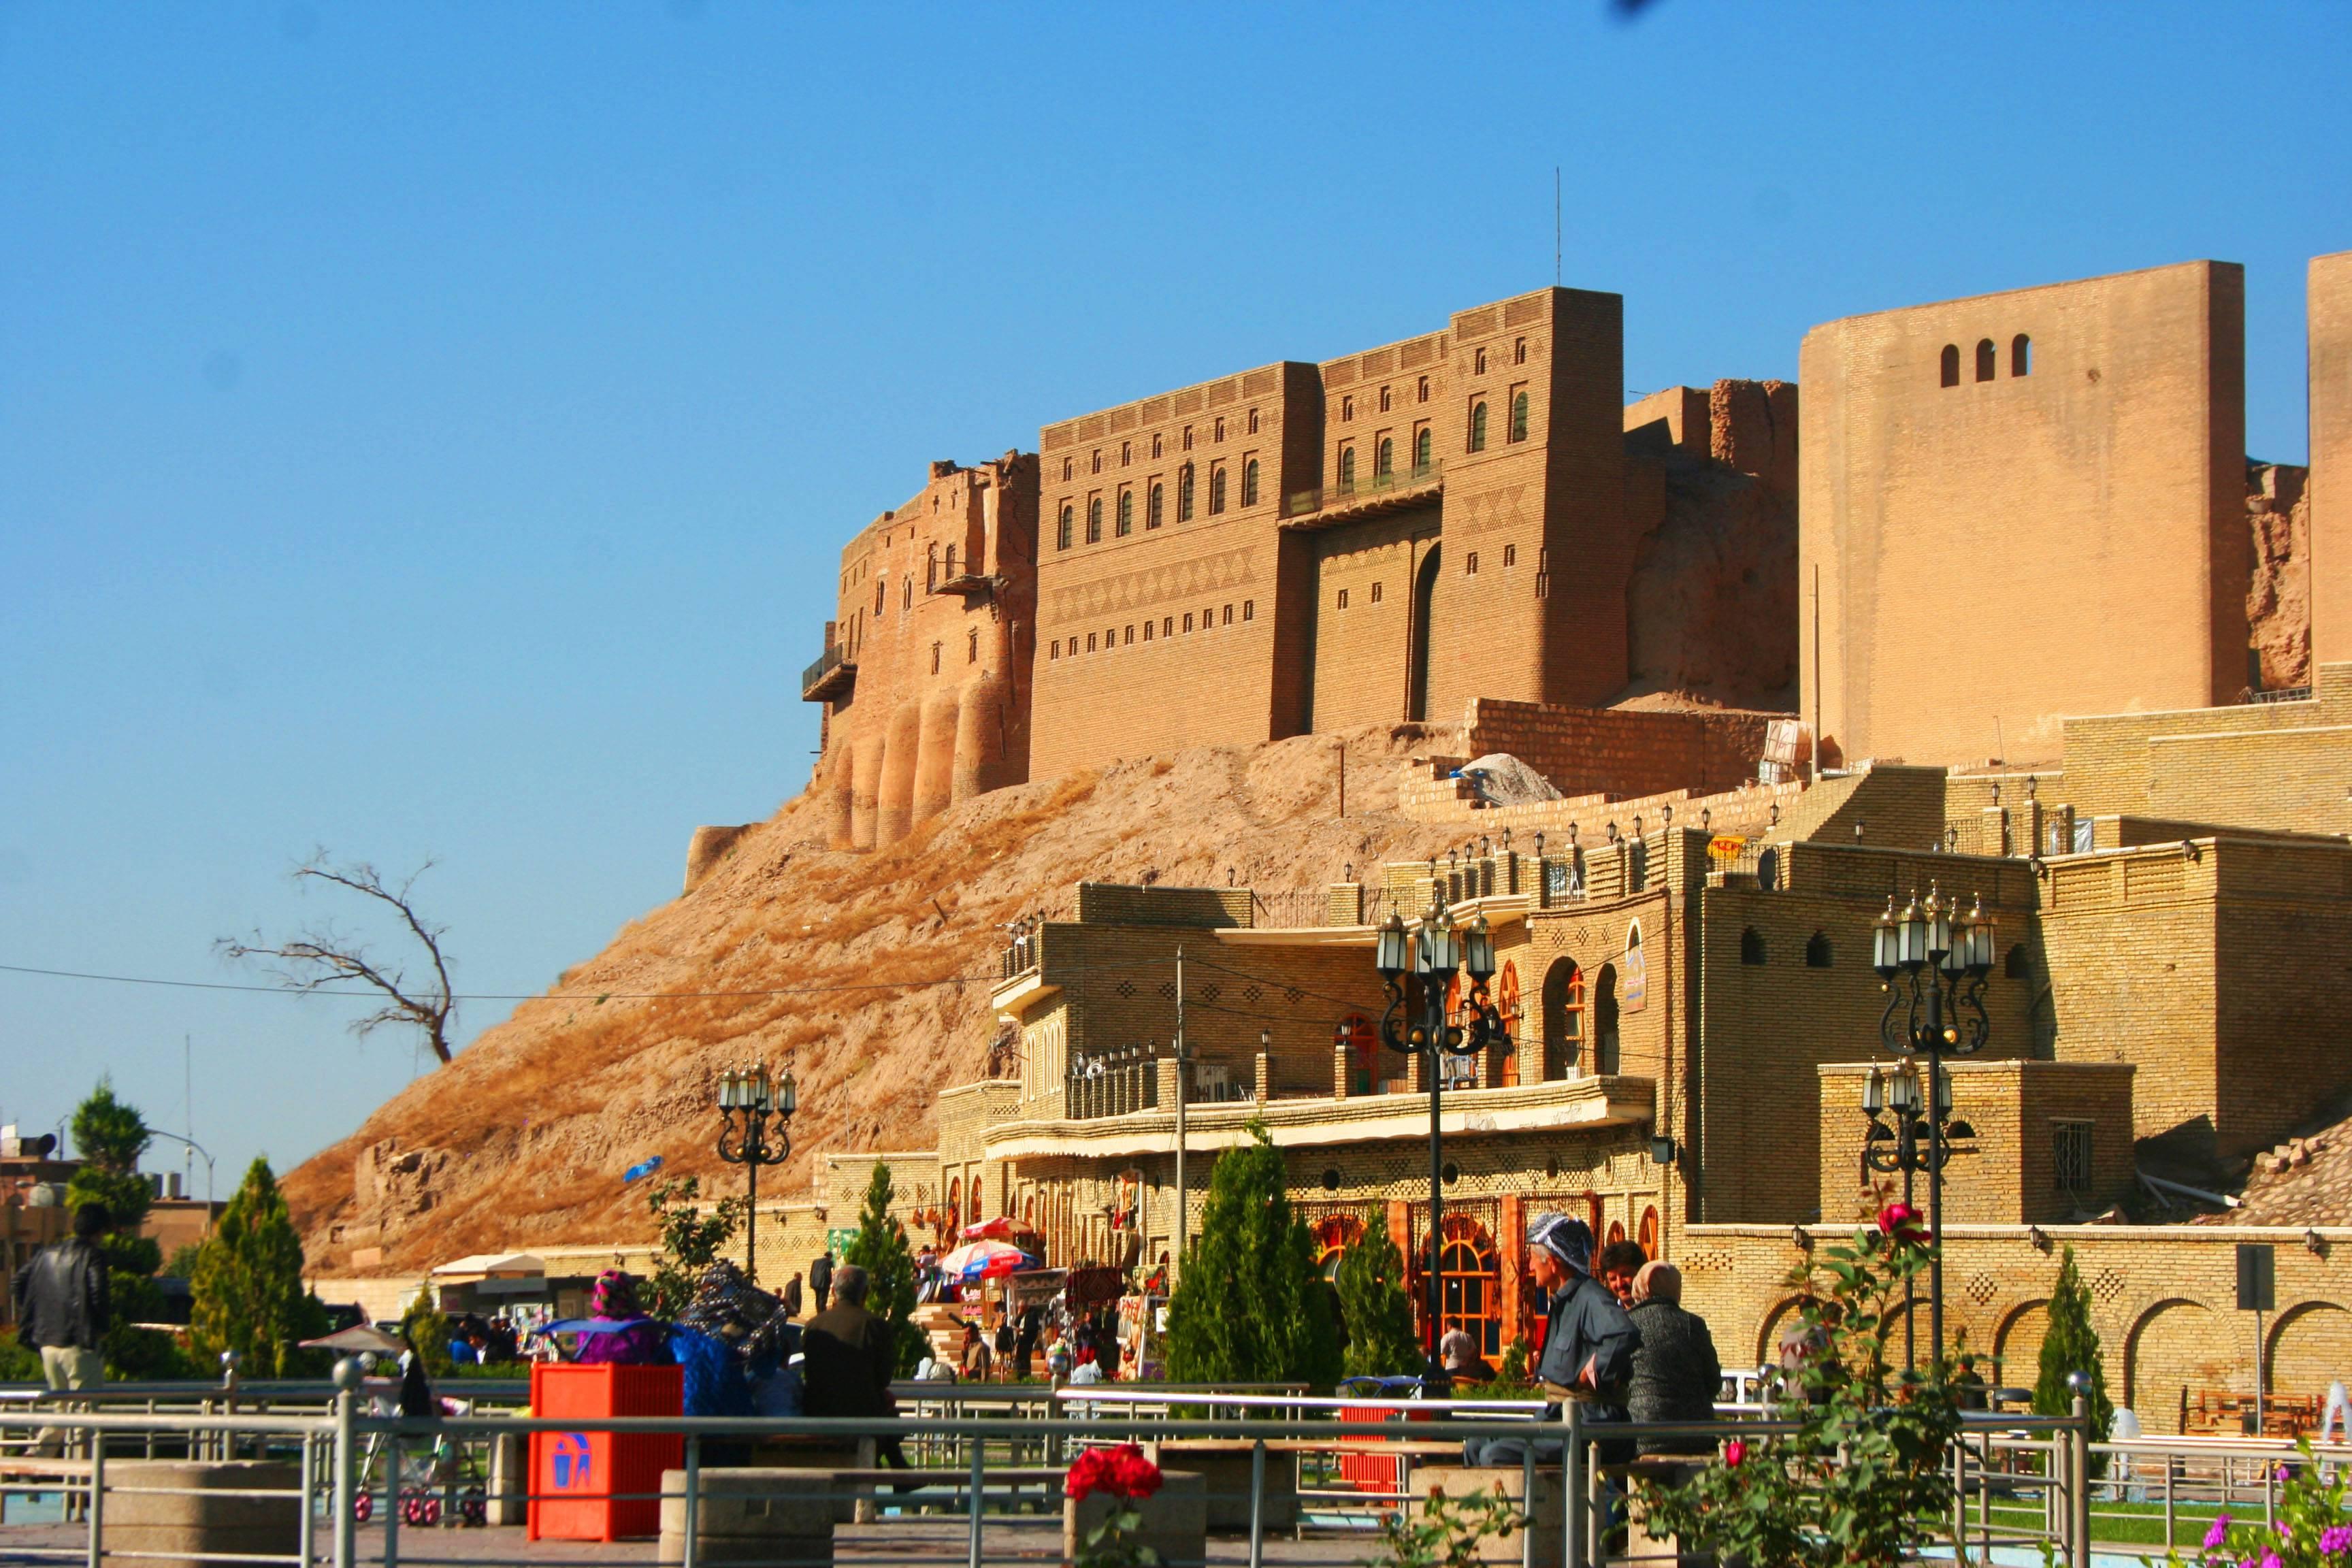 Photo 2: - La plus vieille ville du Monde -